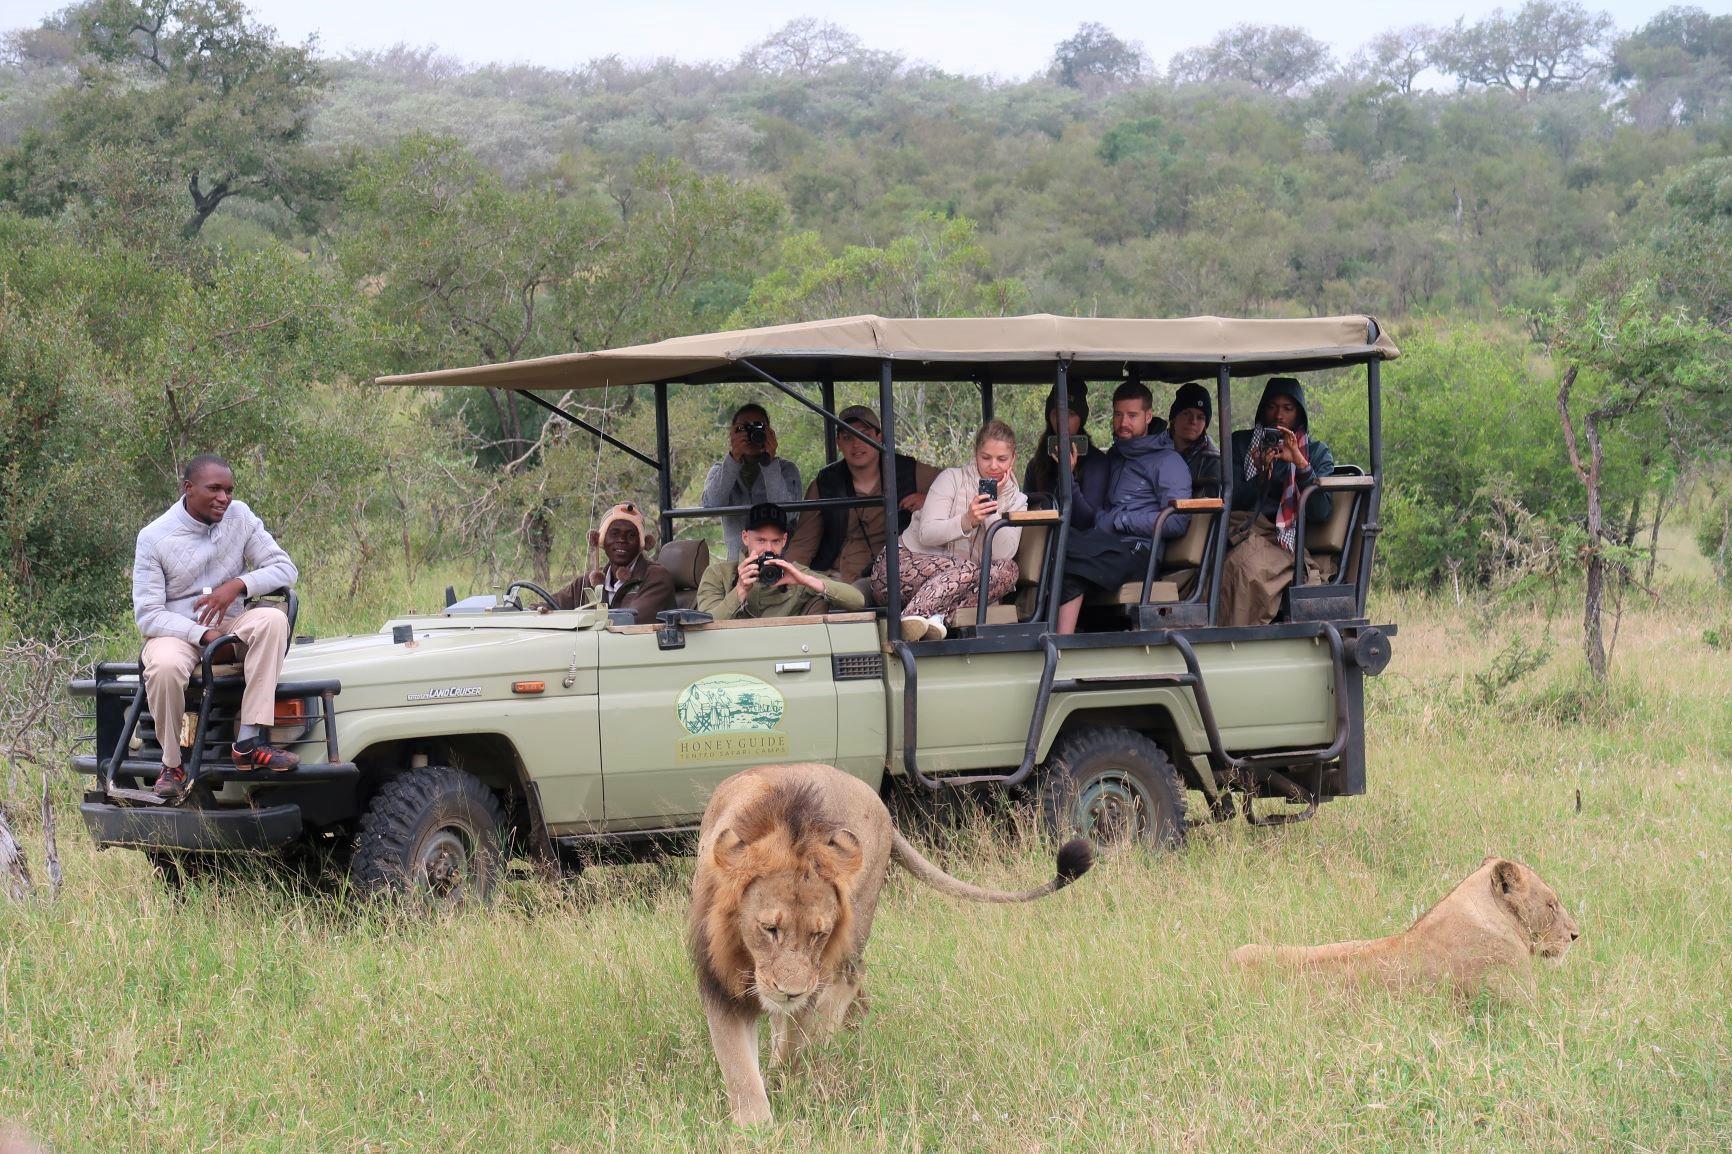 ライオン(南アフリカ)